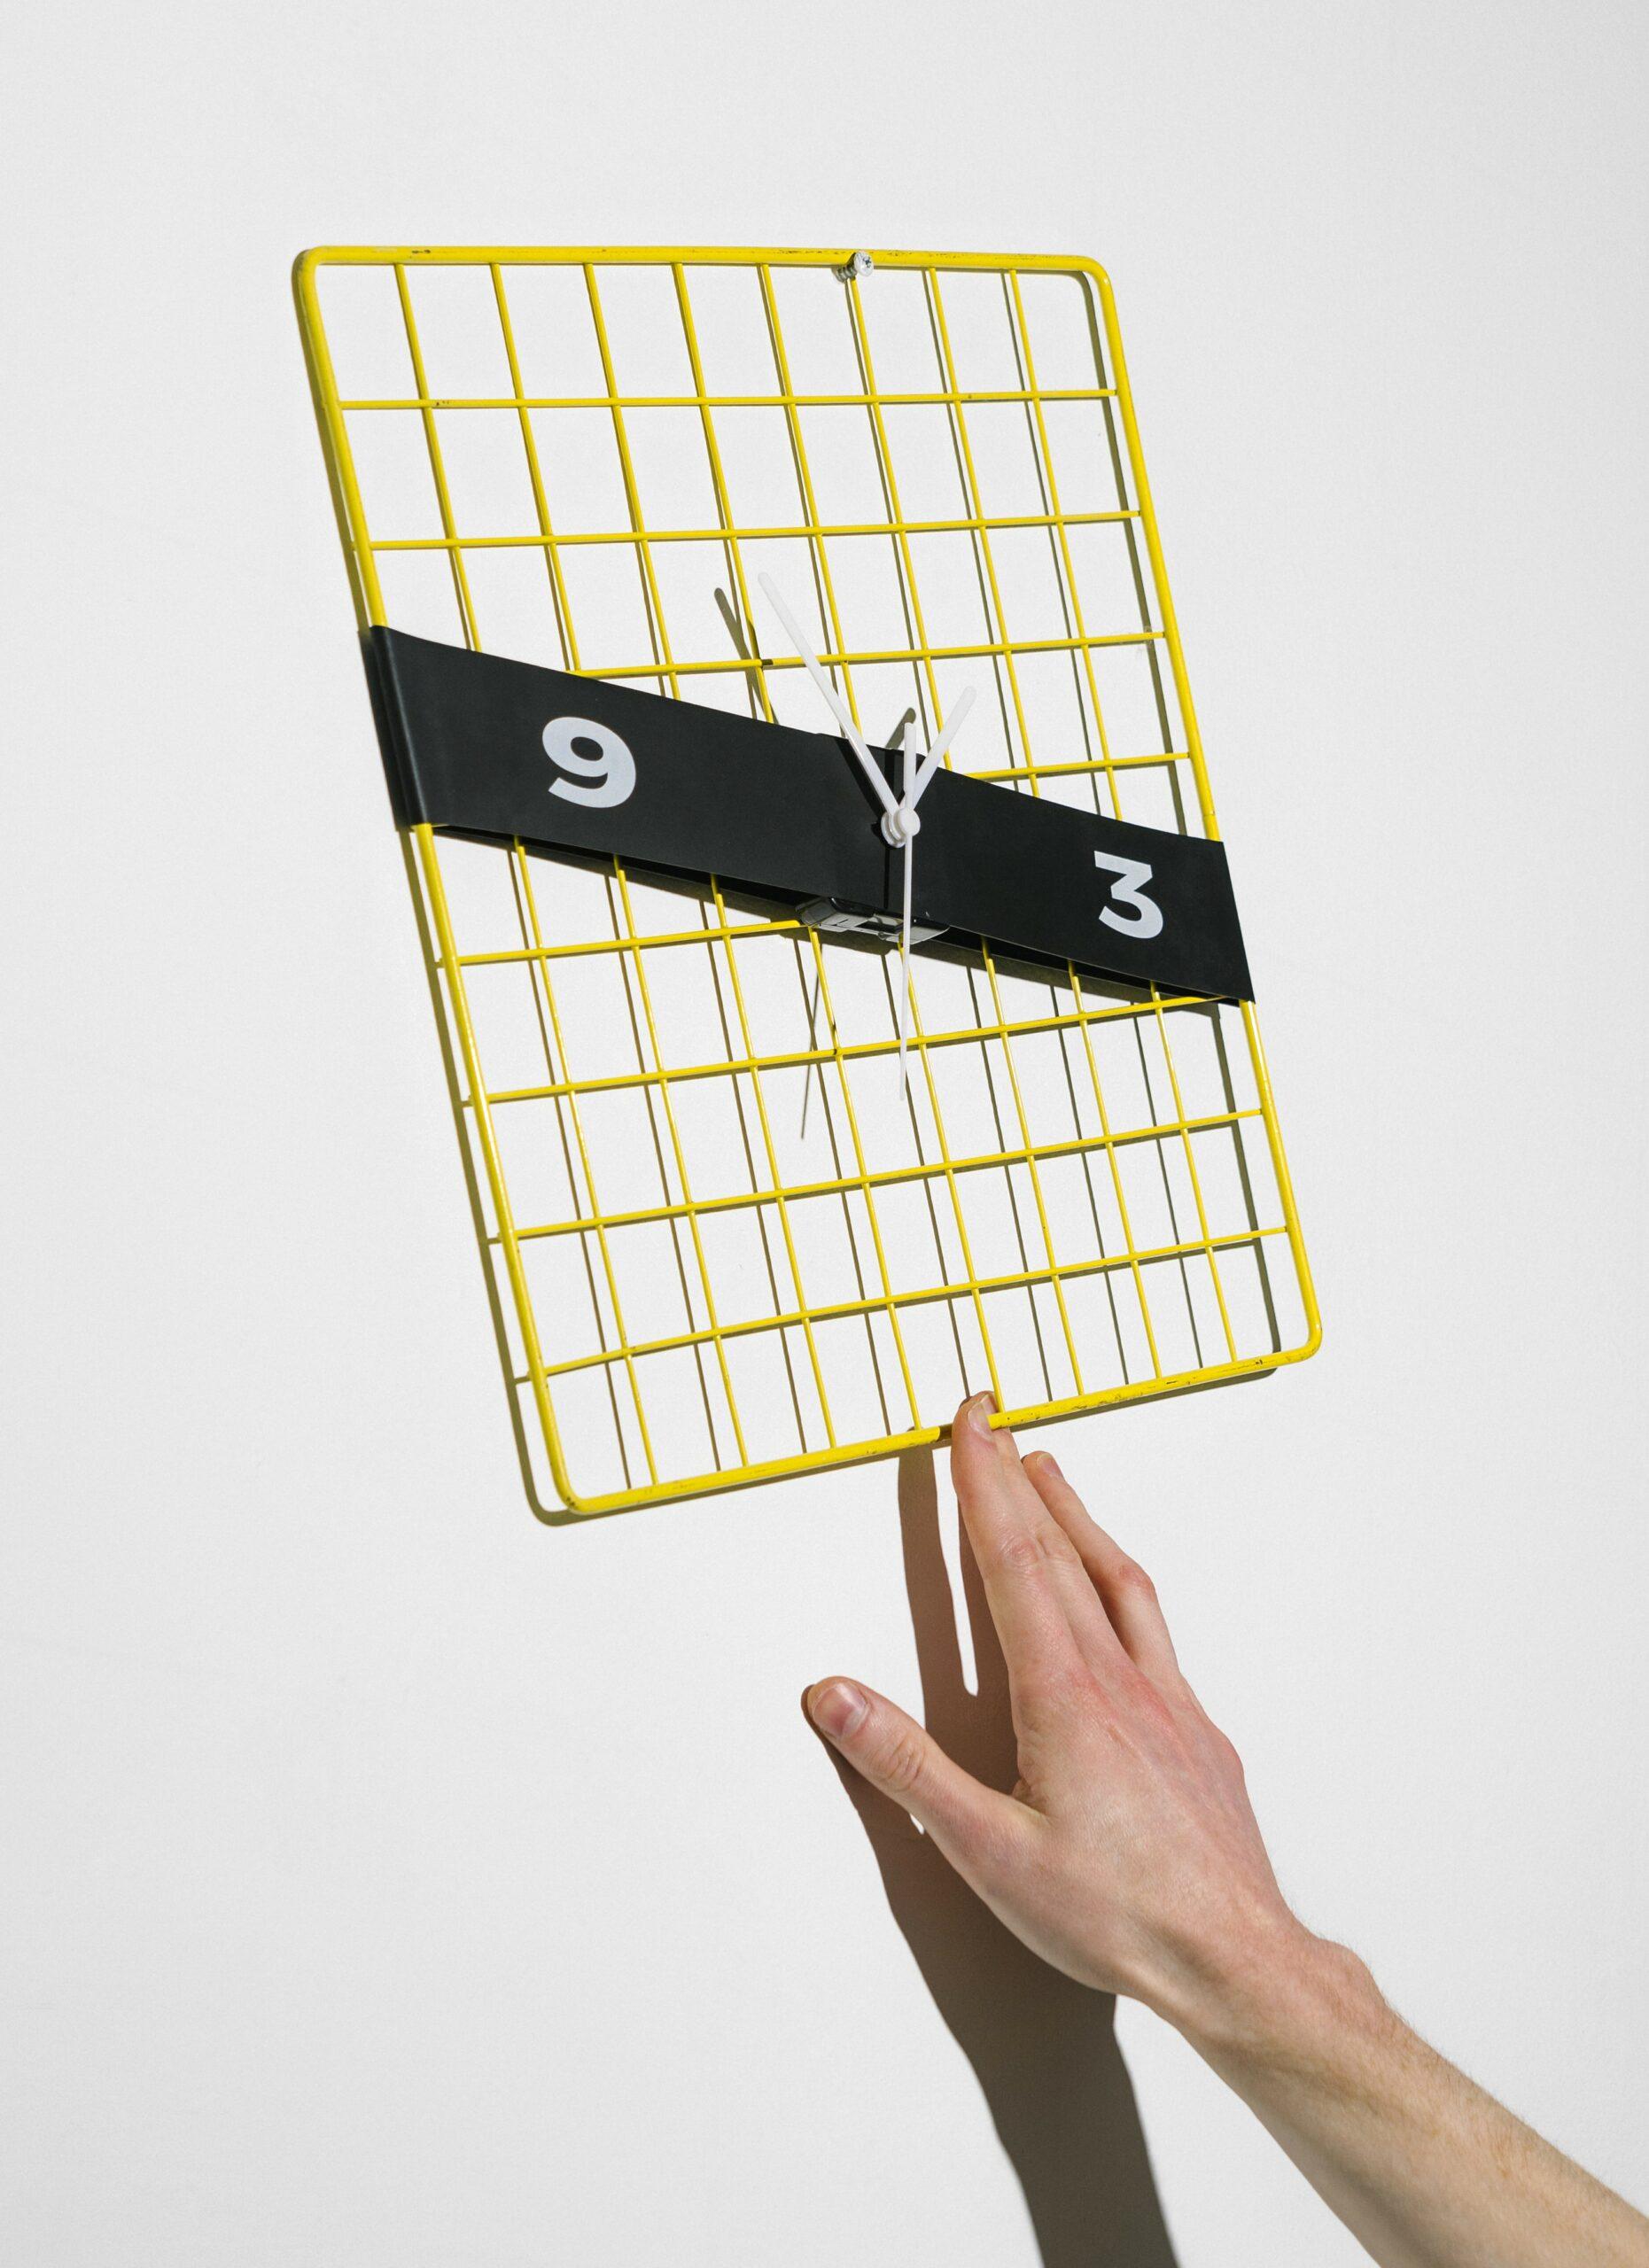 美國 Almost Object 彈力帶時鐘 Stretch Clock